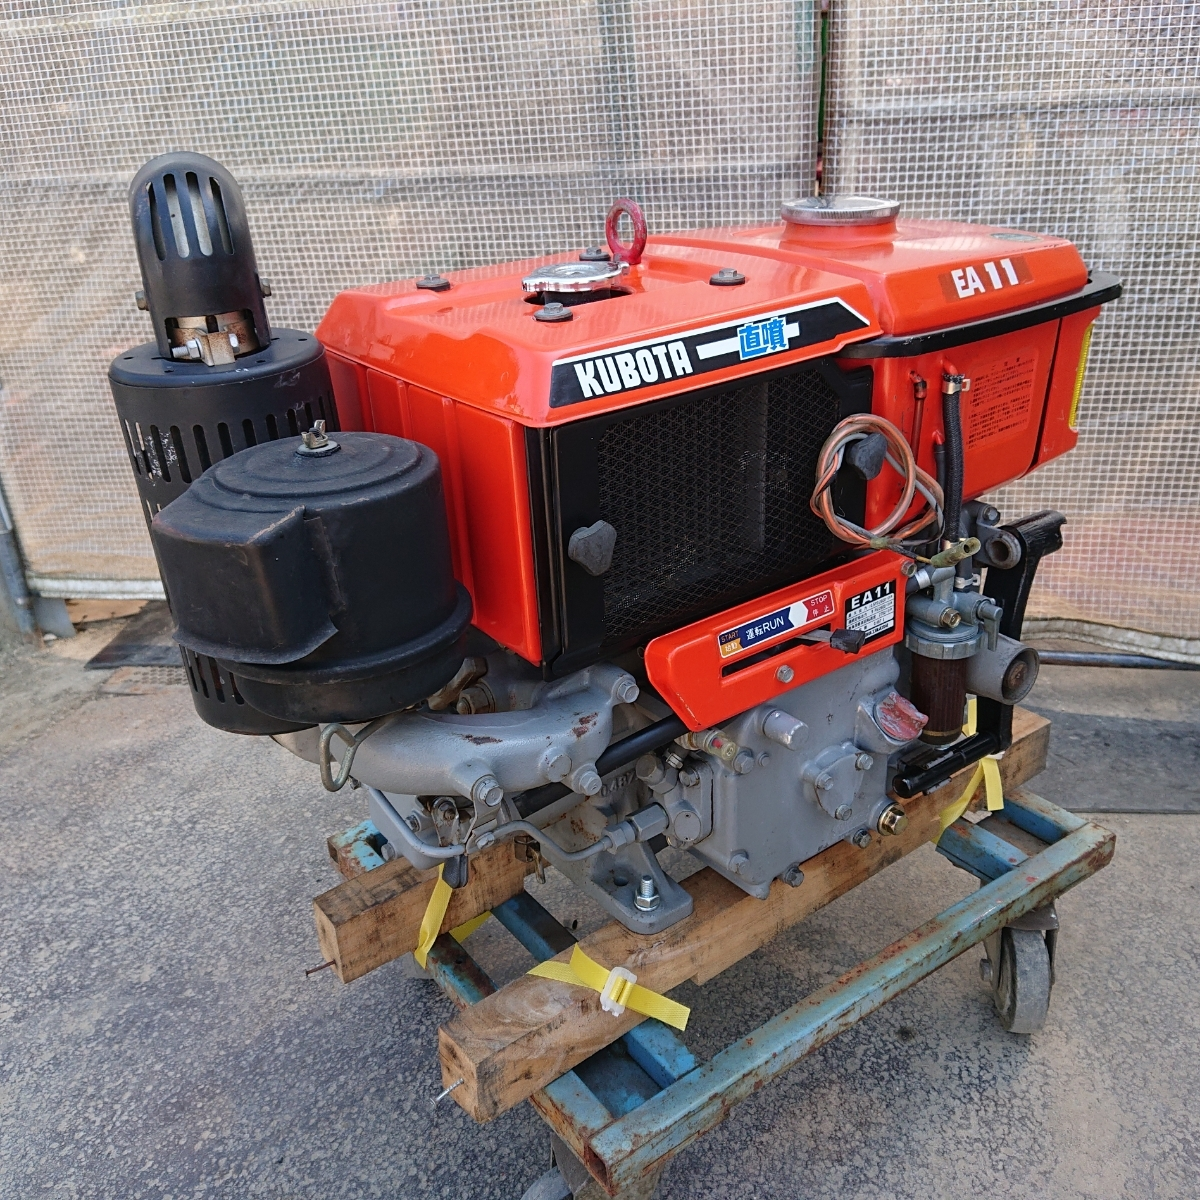 クボタ ディーゼルエンジン EA11 10.5馬力 発動機 実働品 直噴_画像4